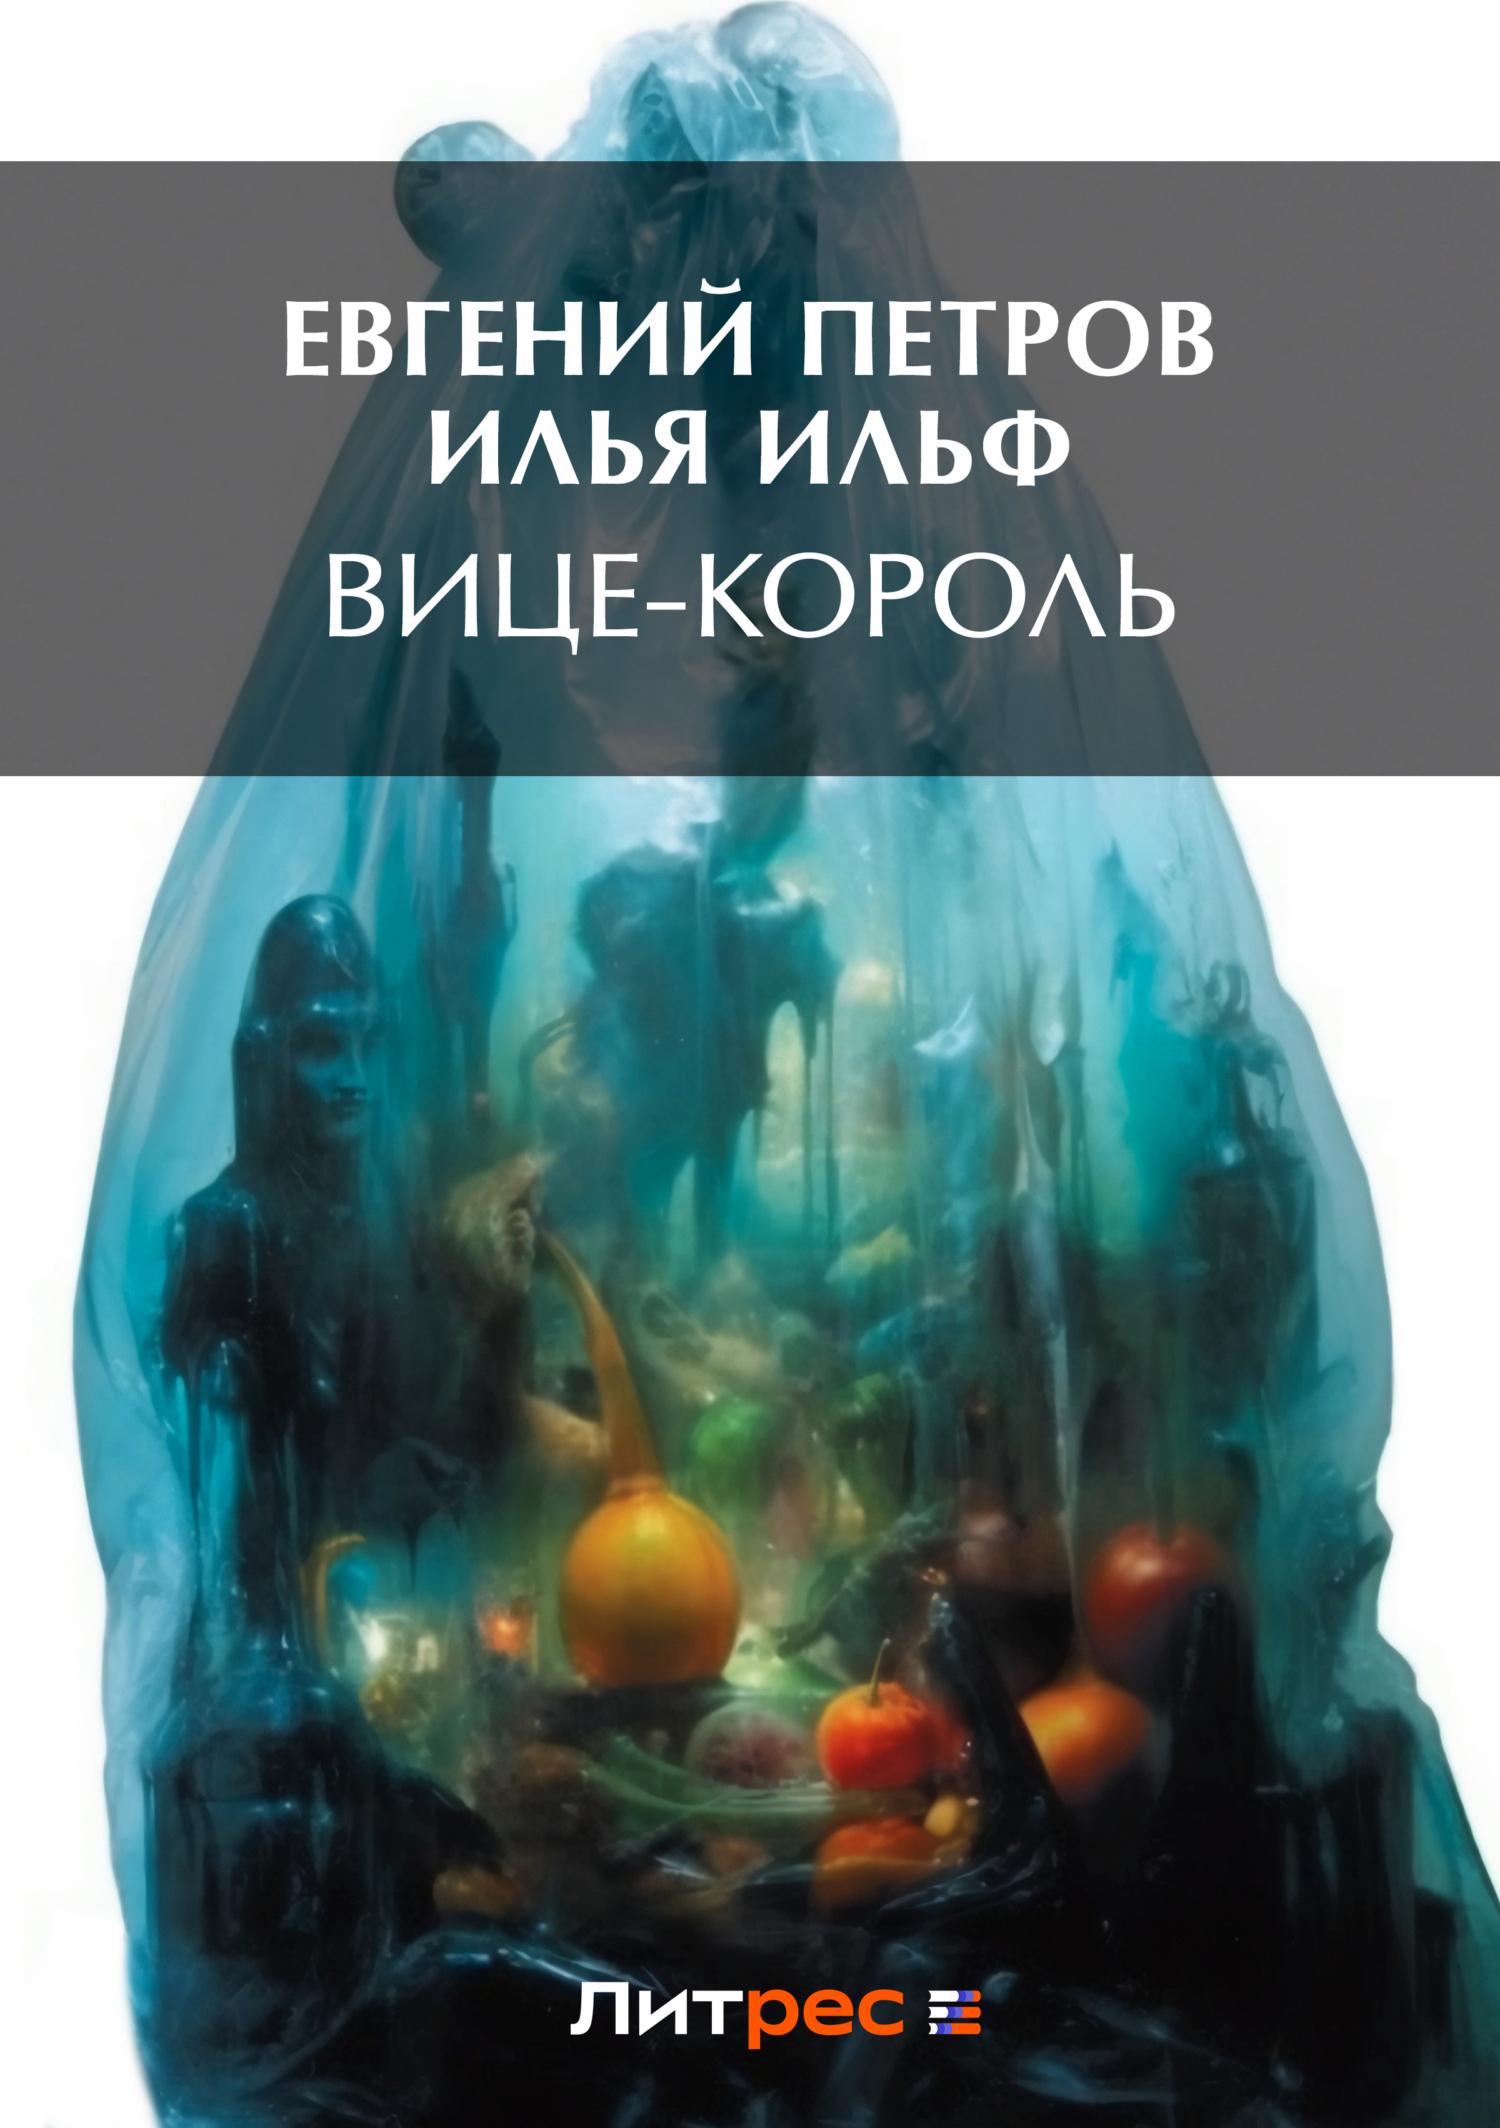 Илья Ильф Вице-король